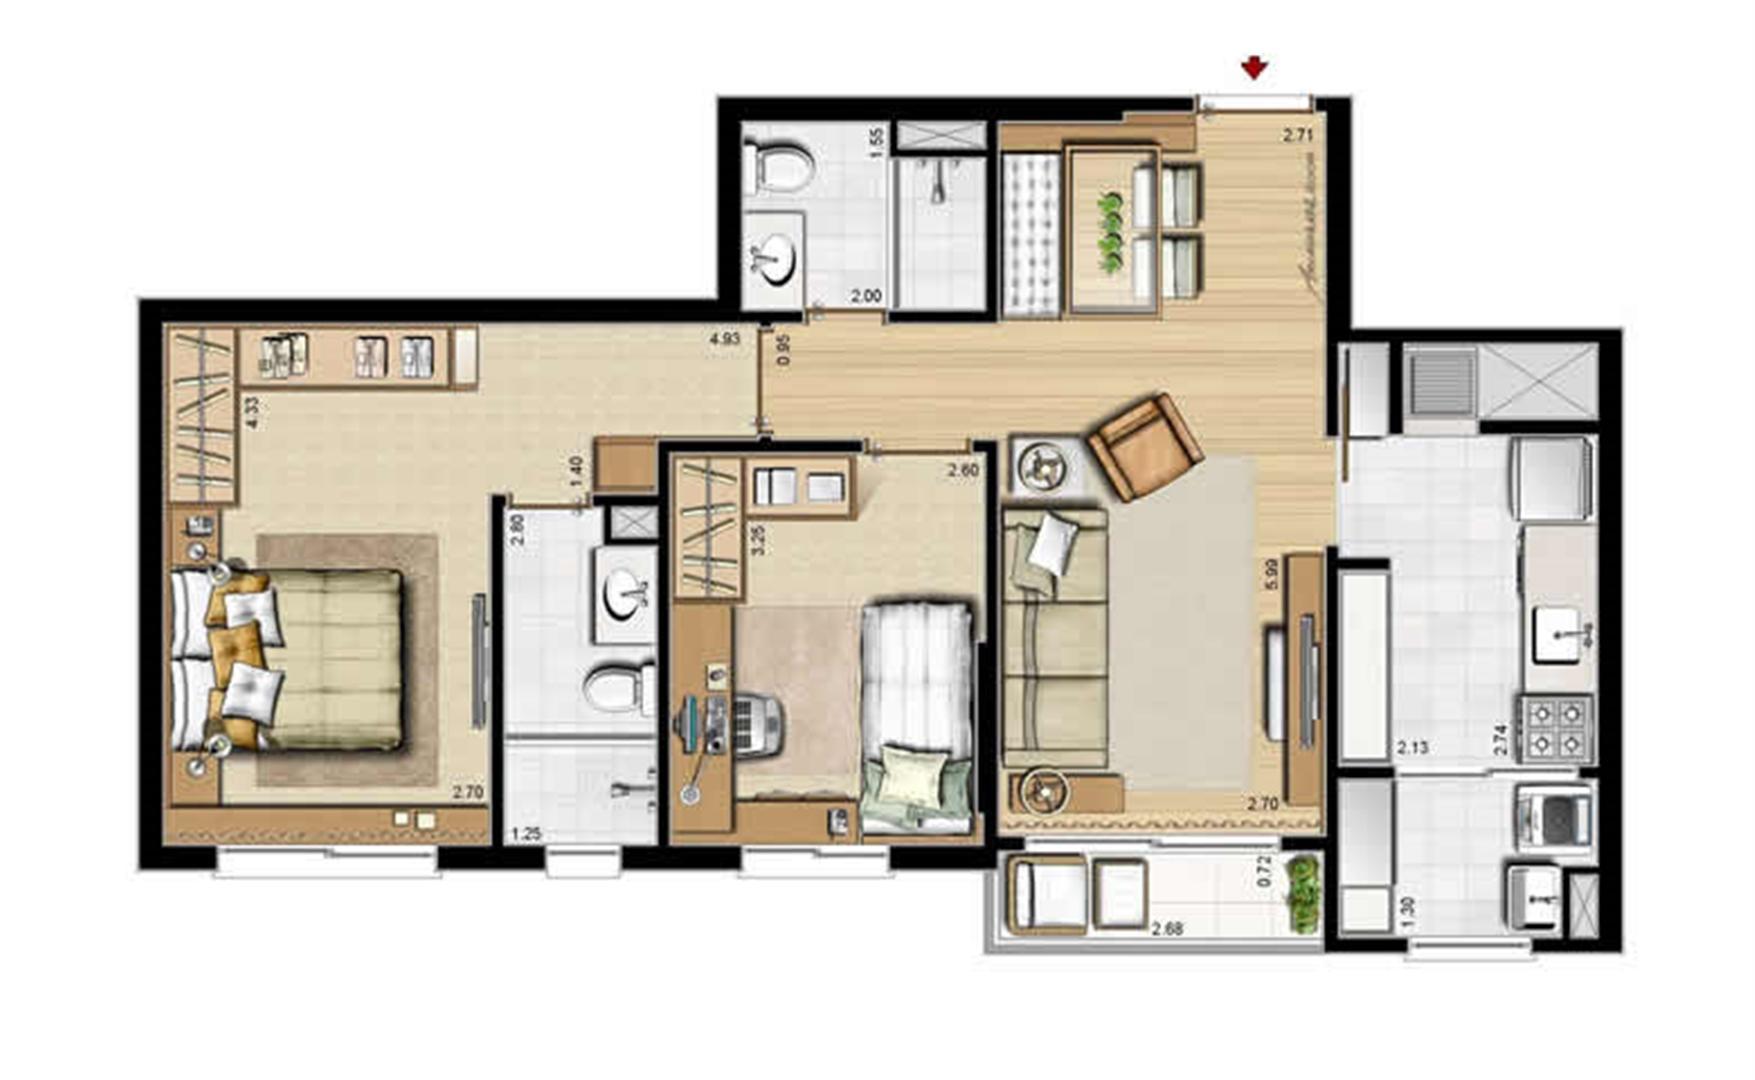 Opção cozinha fechada - 69 m² privativos e 107 m² área total | Villa Mimosa Vita Insolaratta – Apartamento no  Centro - Canoas - Rio Grande do Sul